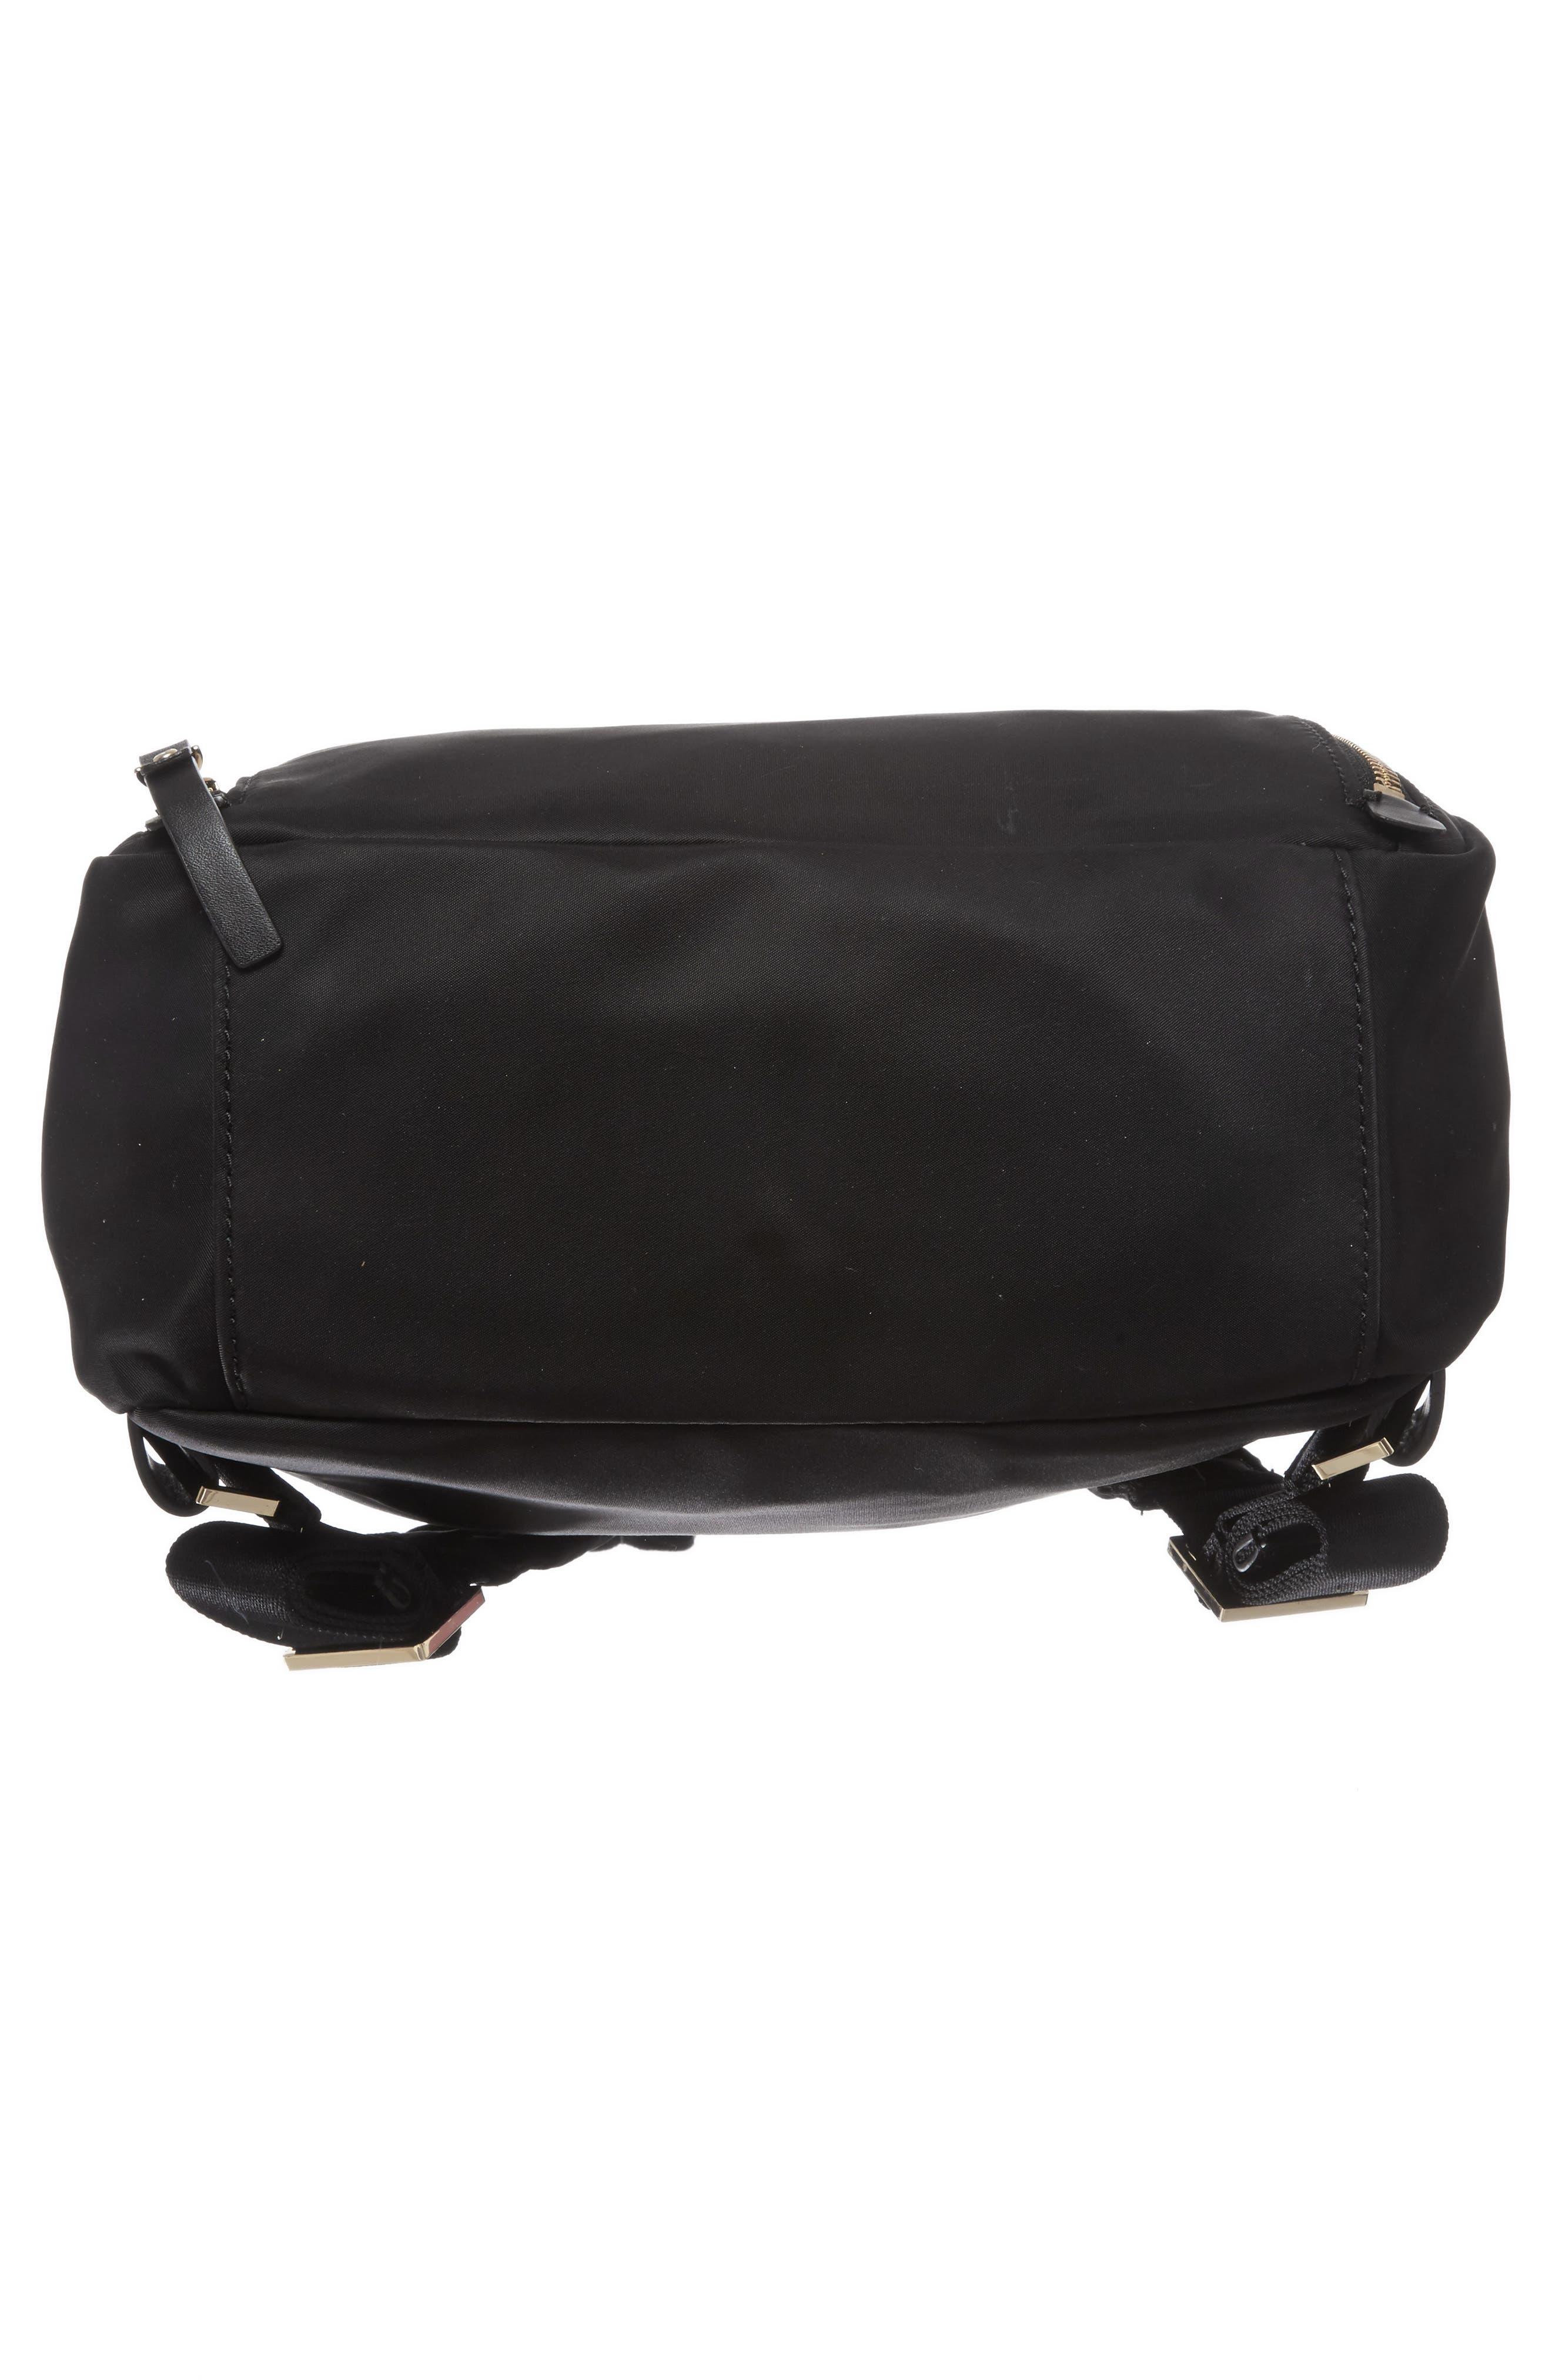 watson lane - hartley nylon backpack,                             Alternate thumbnail 6, color,                             BLACK